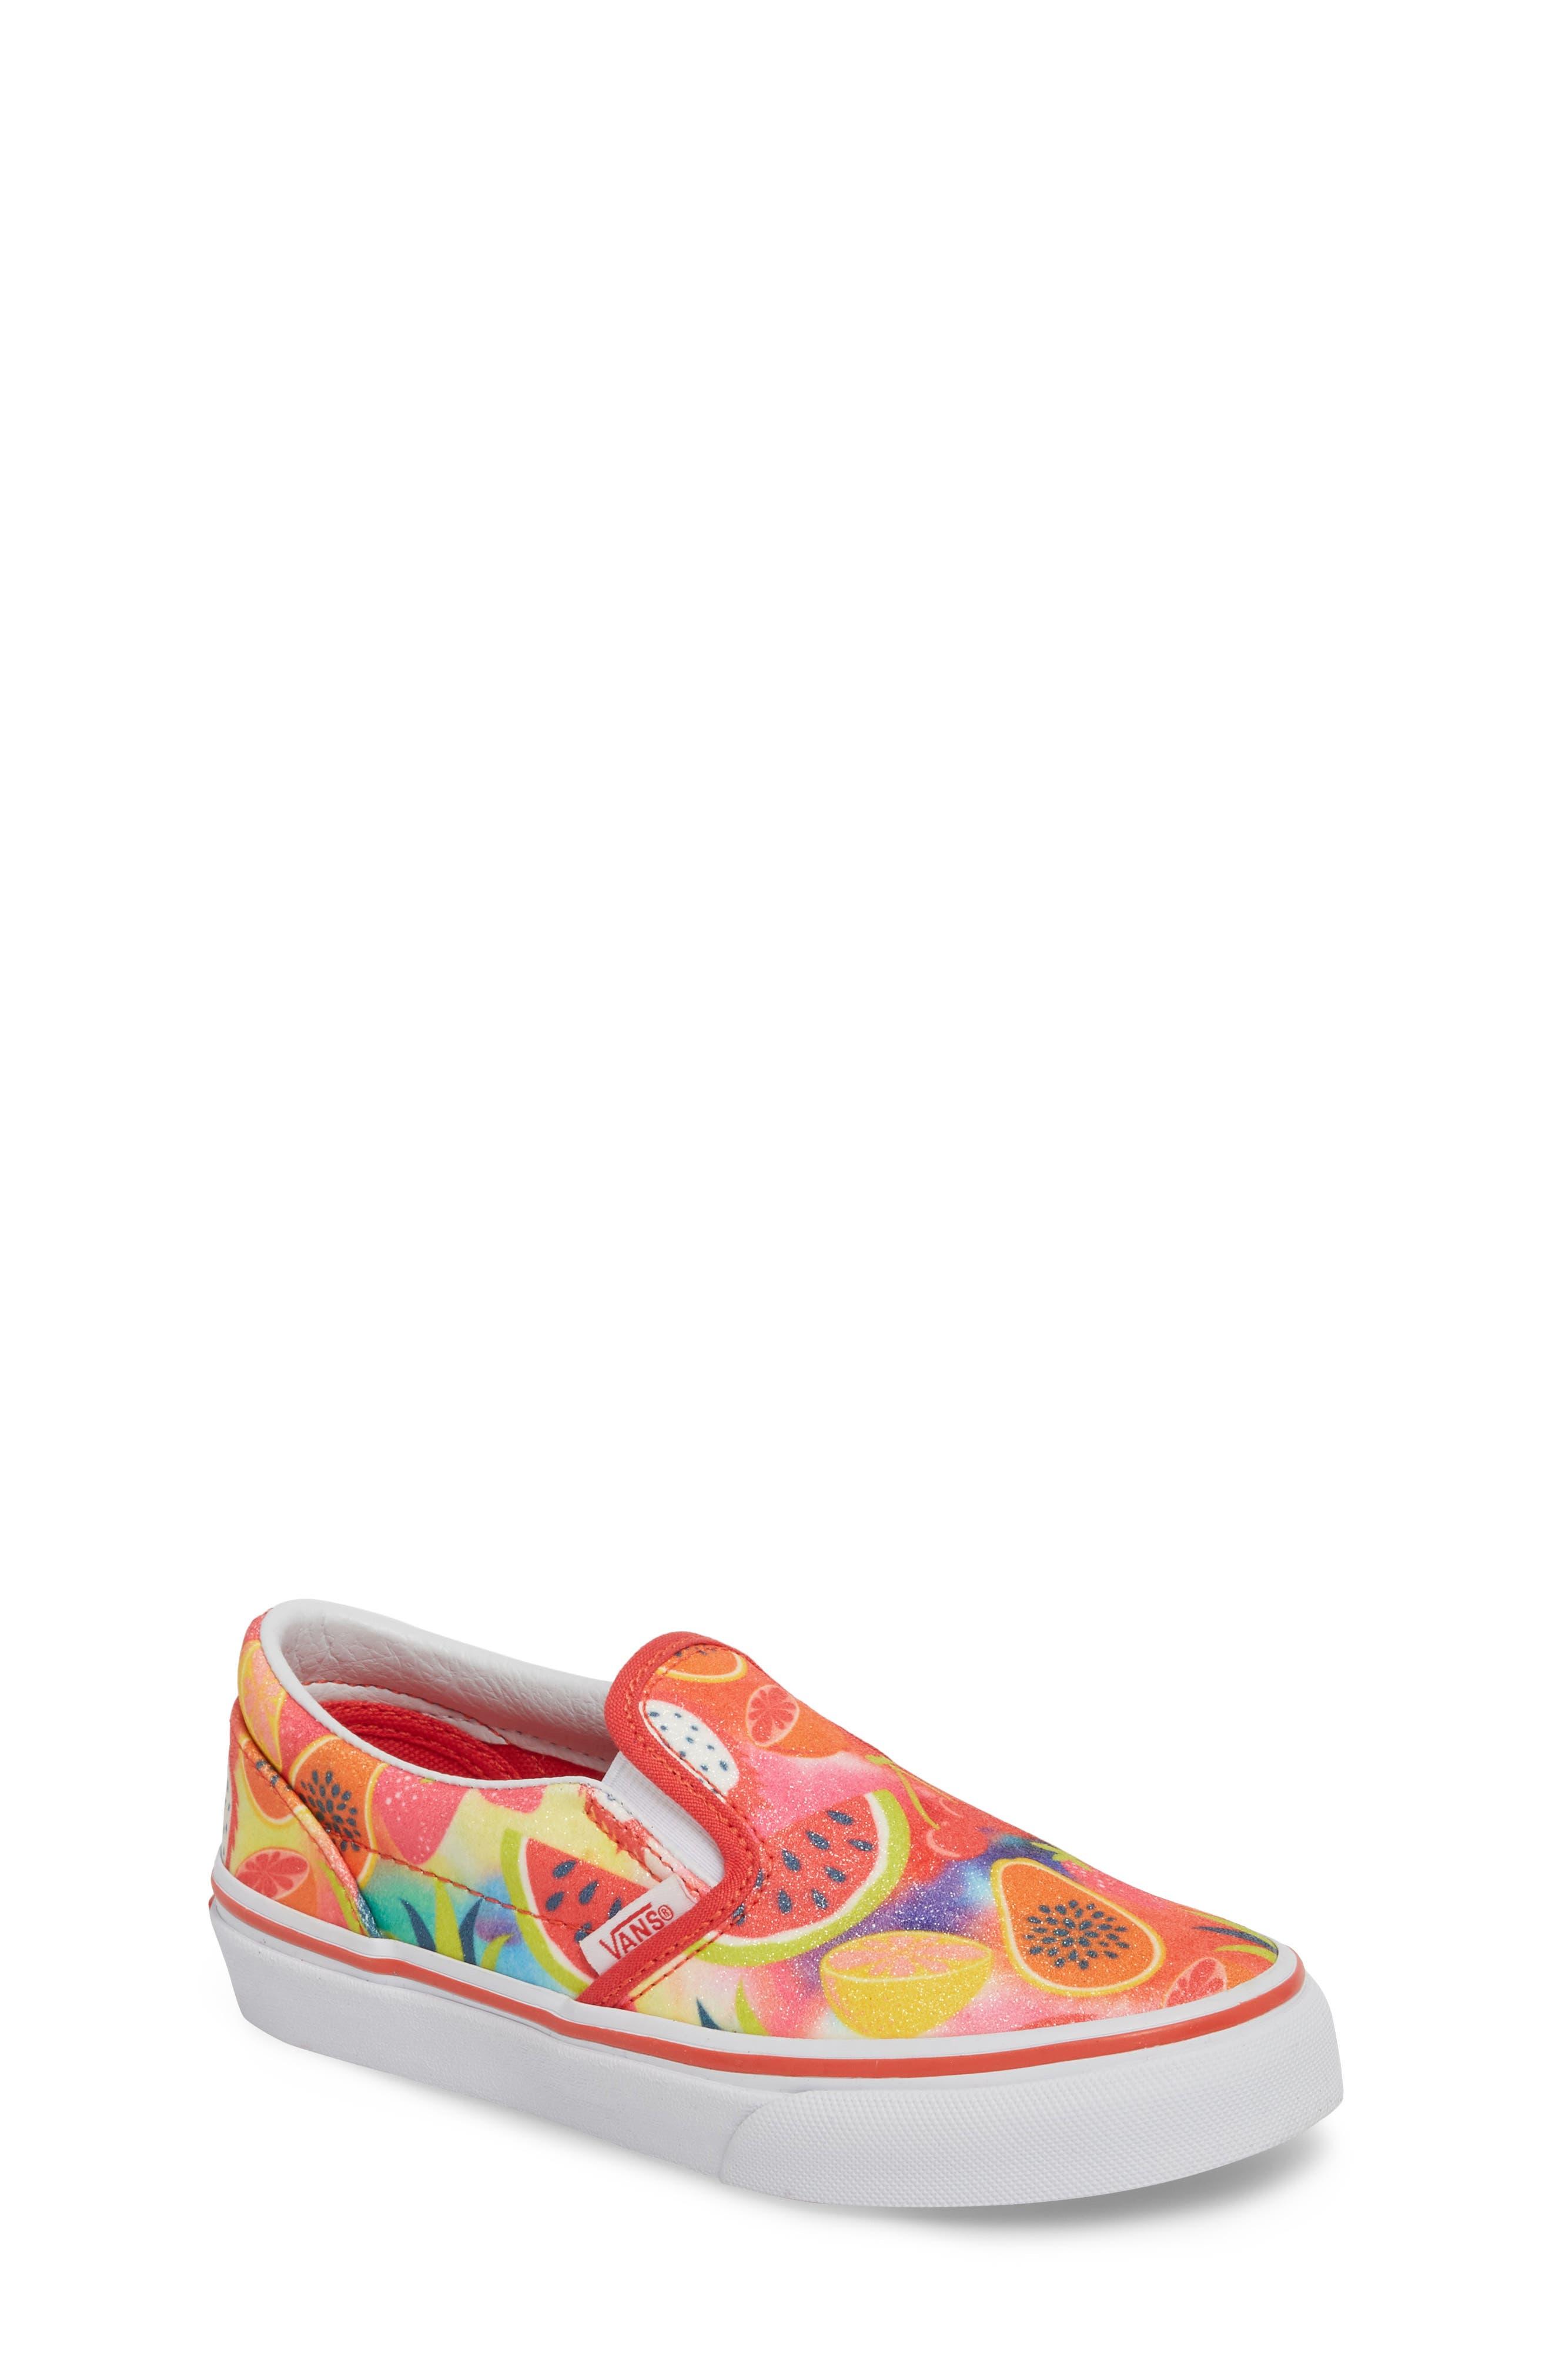 Classic Glitter Fruit Slip-On Sneaker,                         Main,                         color, White/ Multi Glitter Fruits